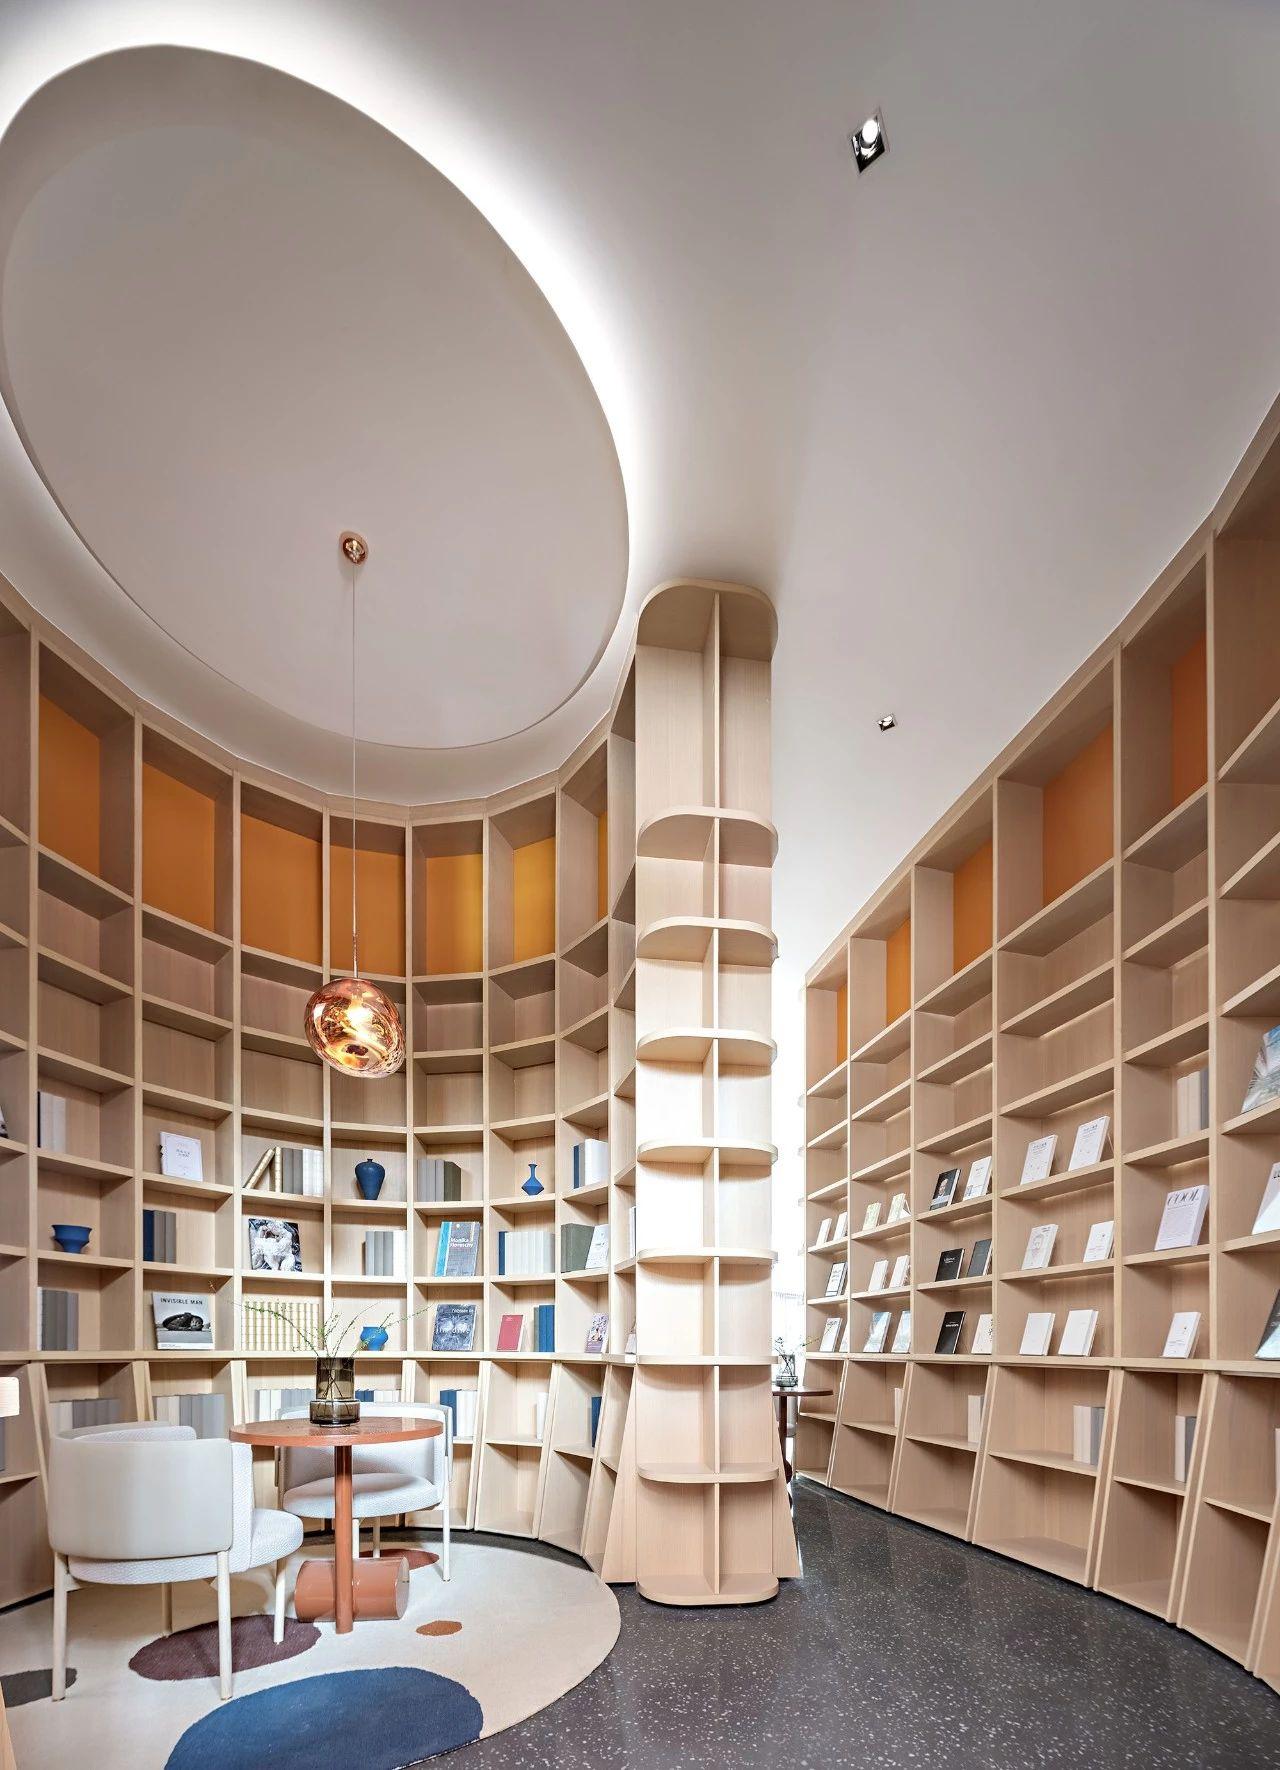 长沙万科大家品牌生活馆 室内设计 / 意巢设计